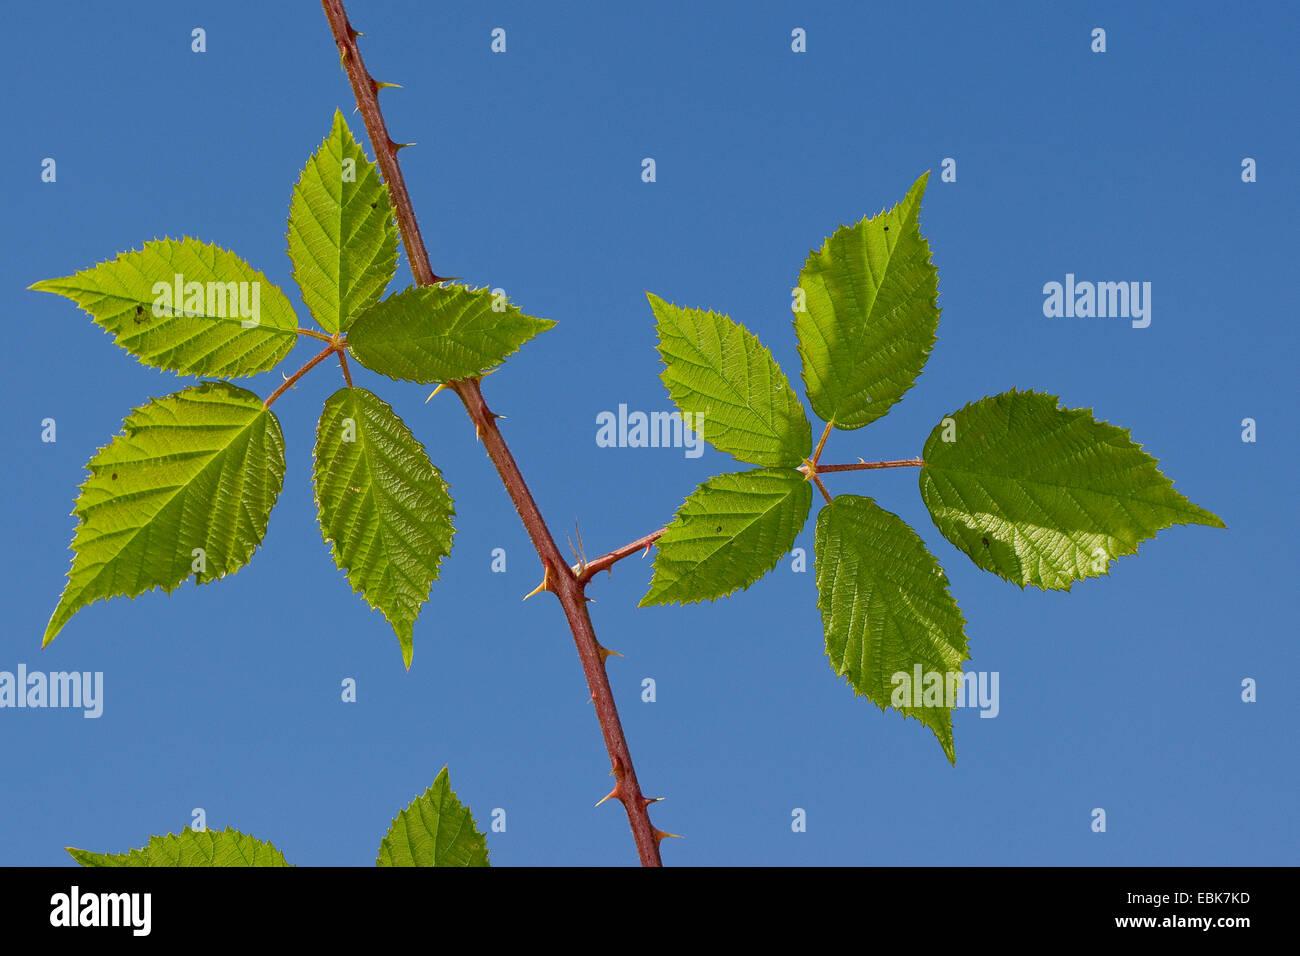 Blackberry arbustif, médical, plantes médicinales, plantes médicinales, plantes médicinales, Photo Stock